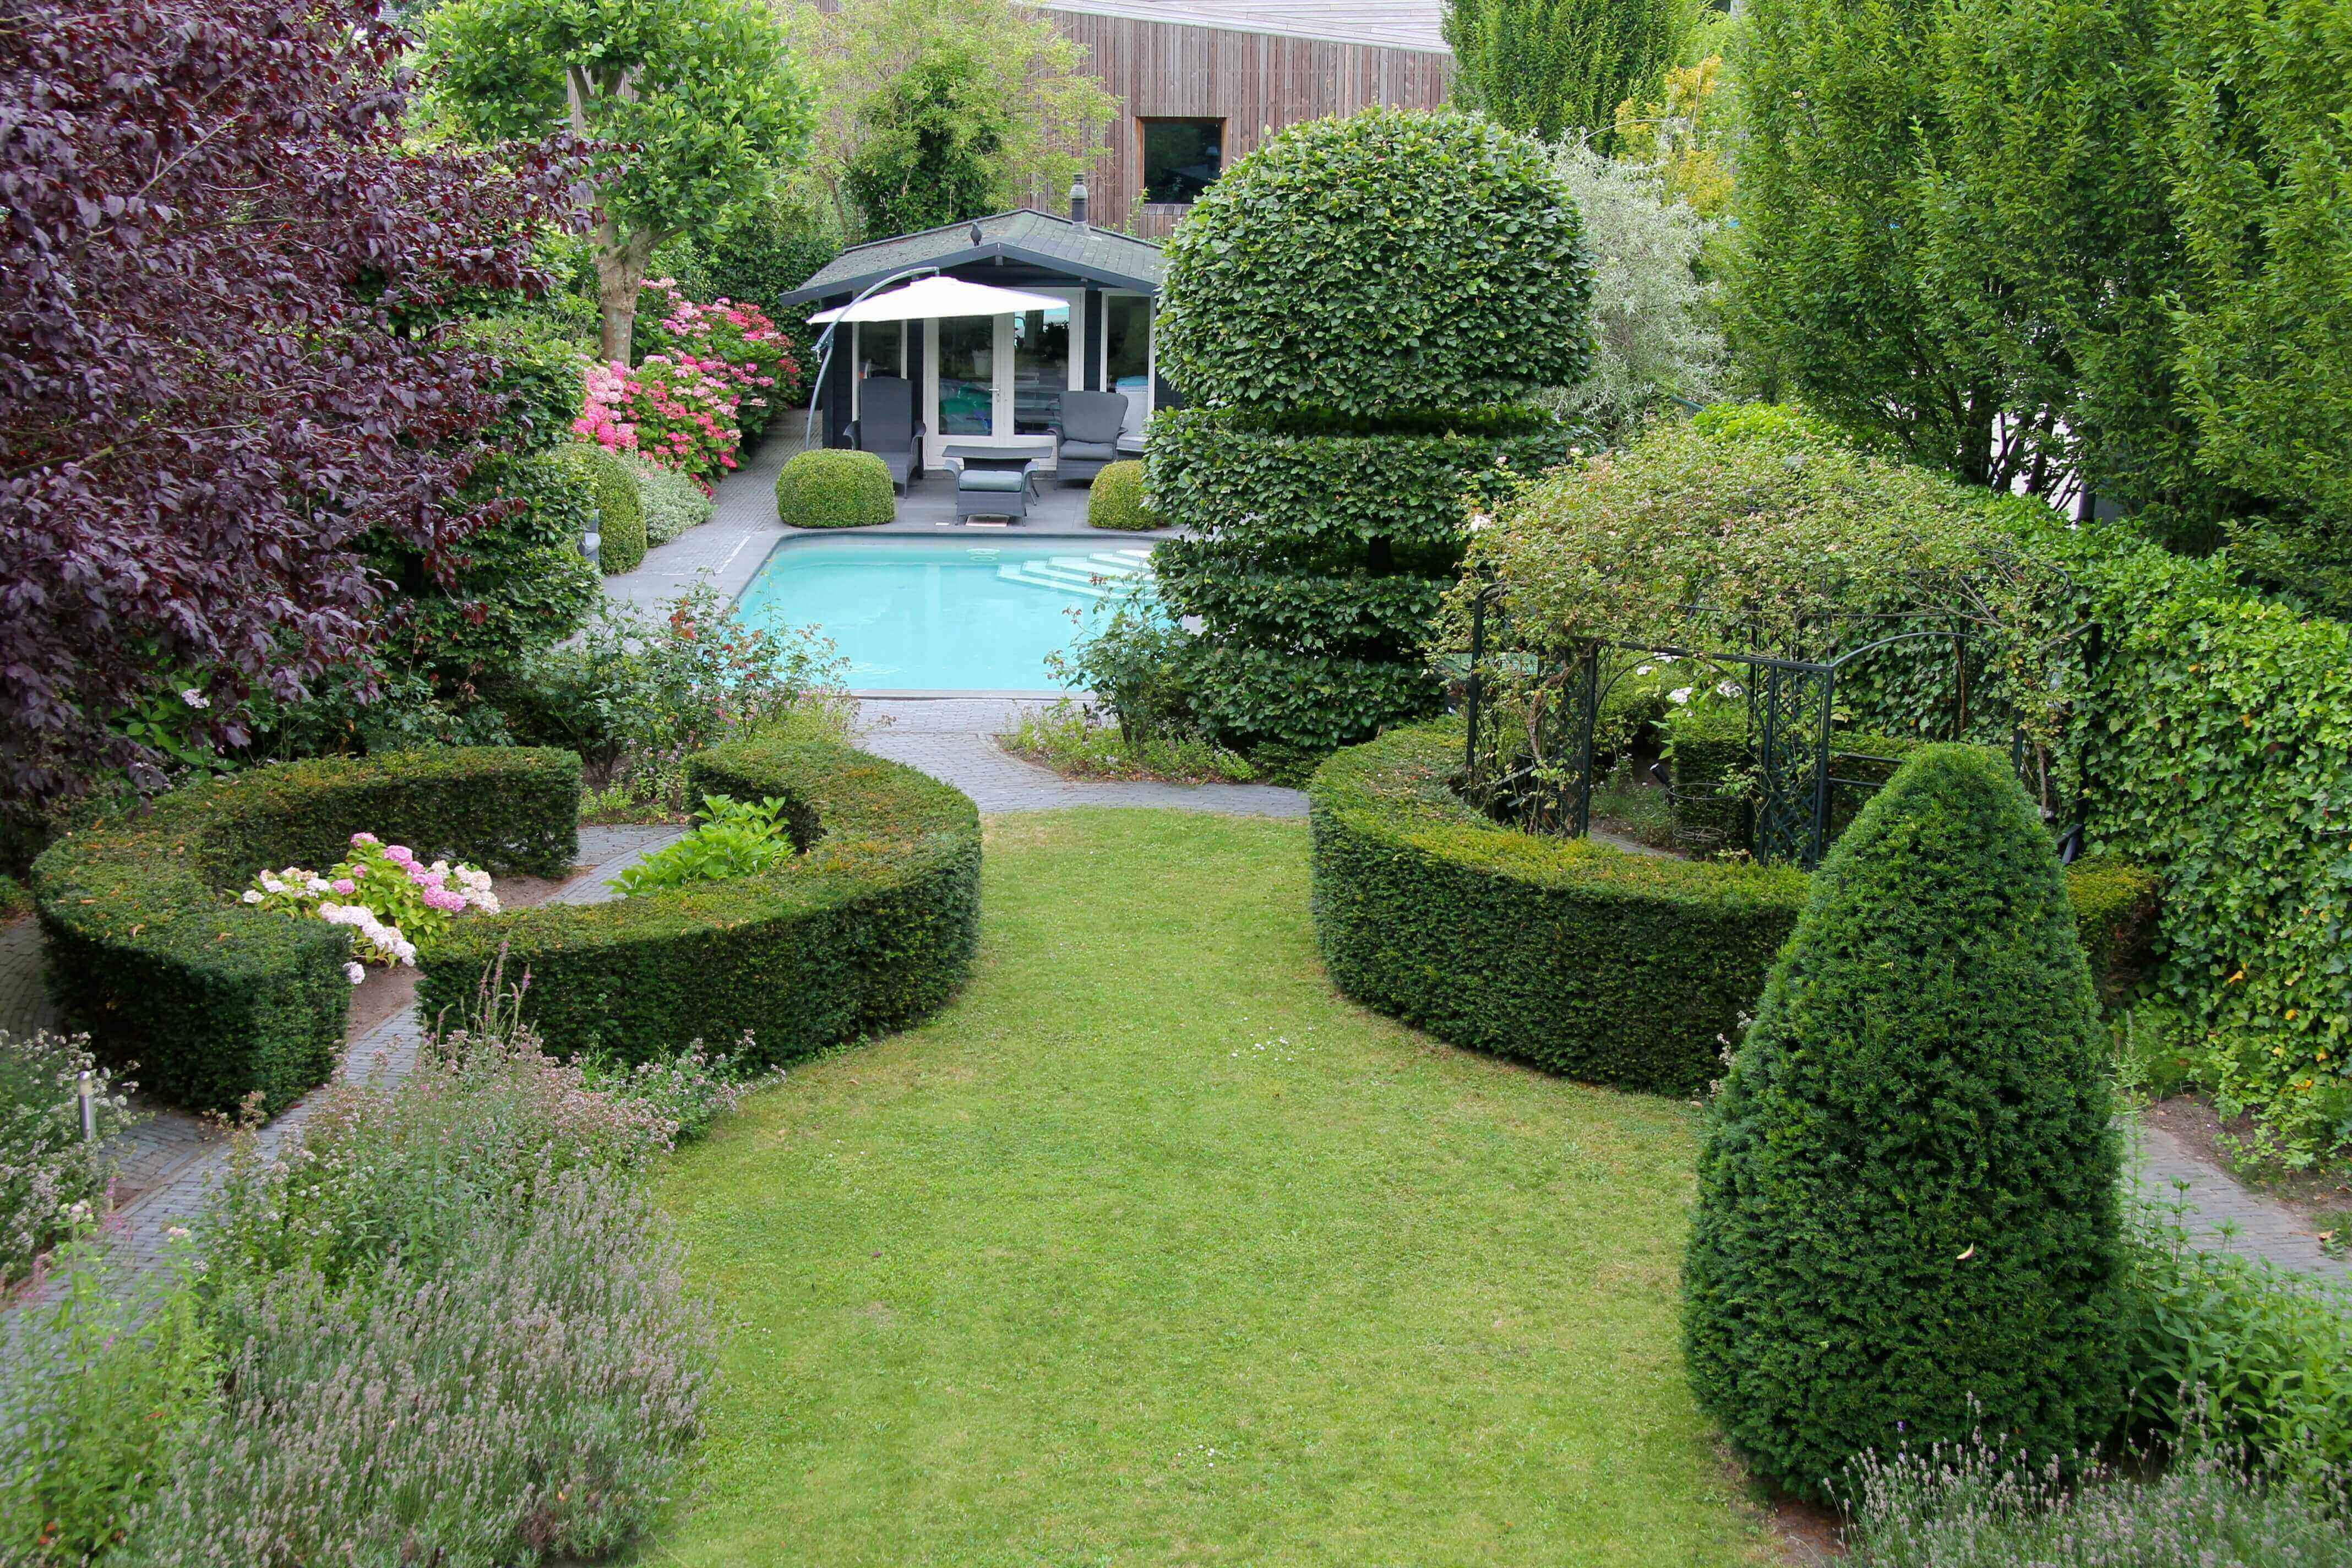 Groene tuin met zwembad